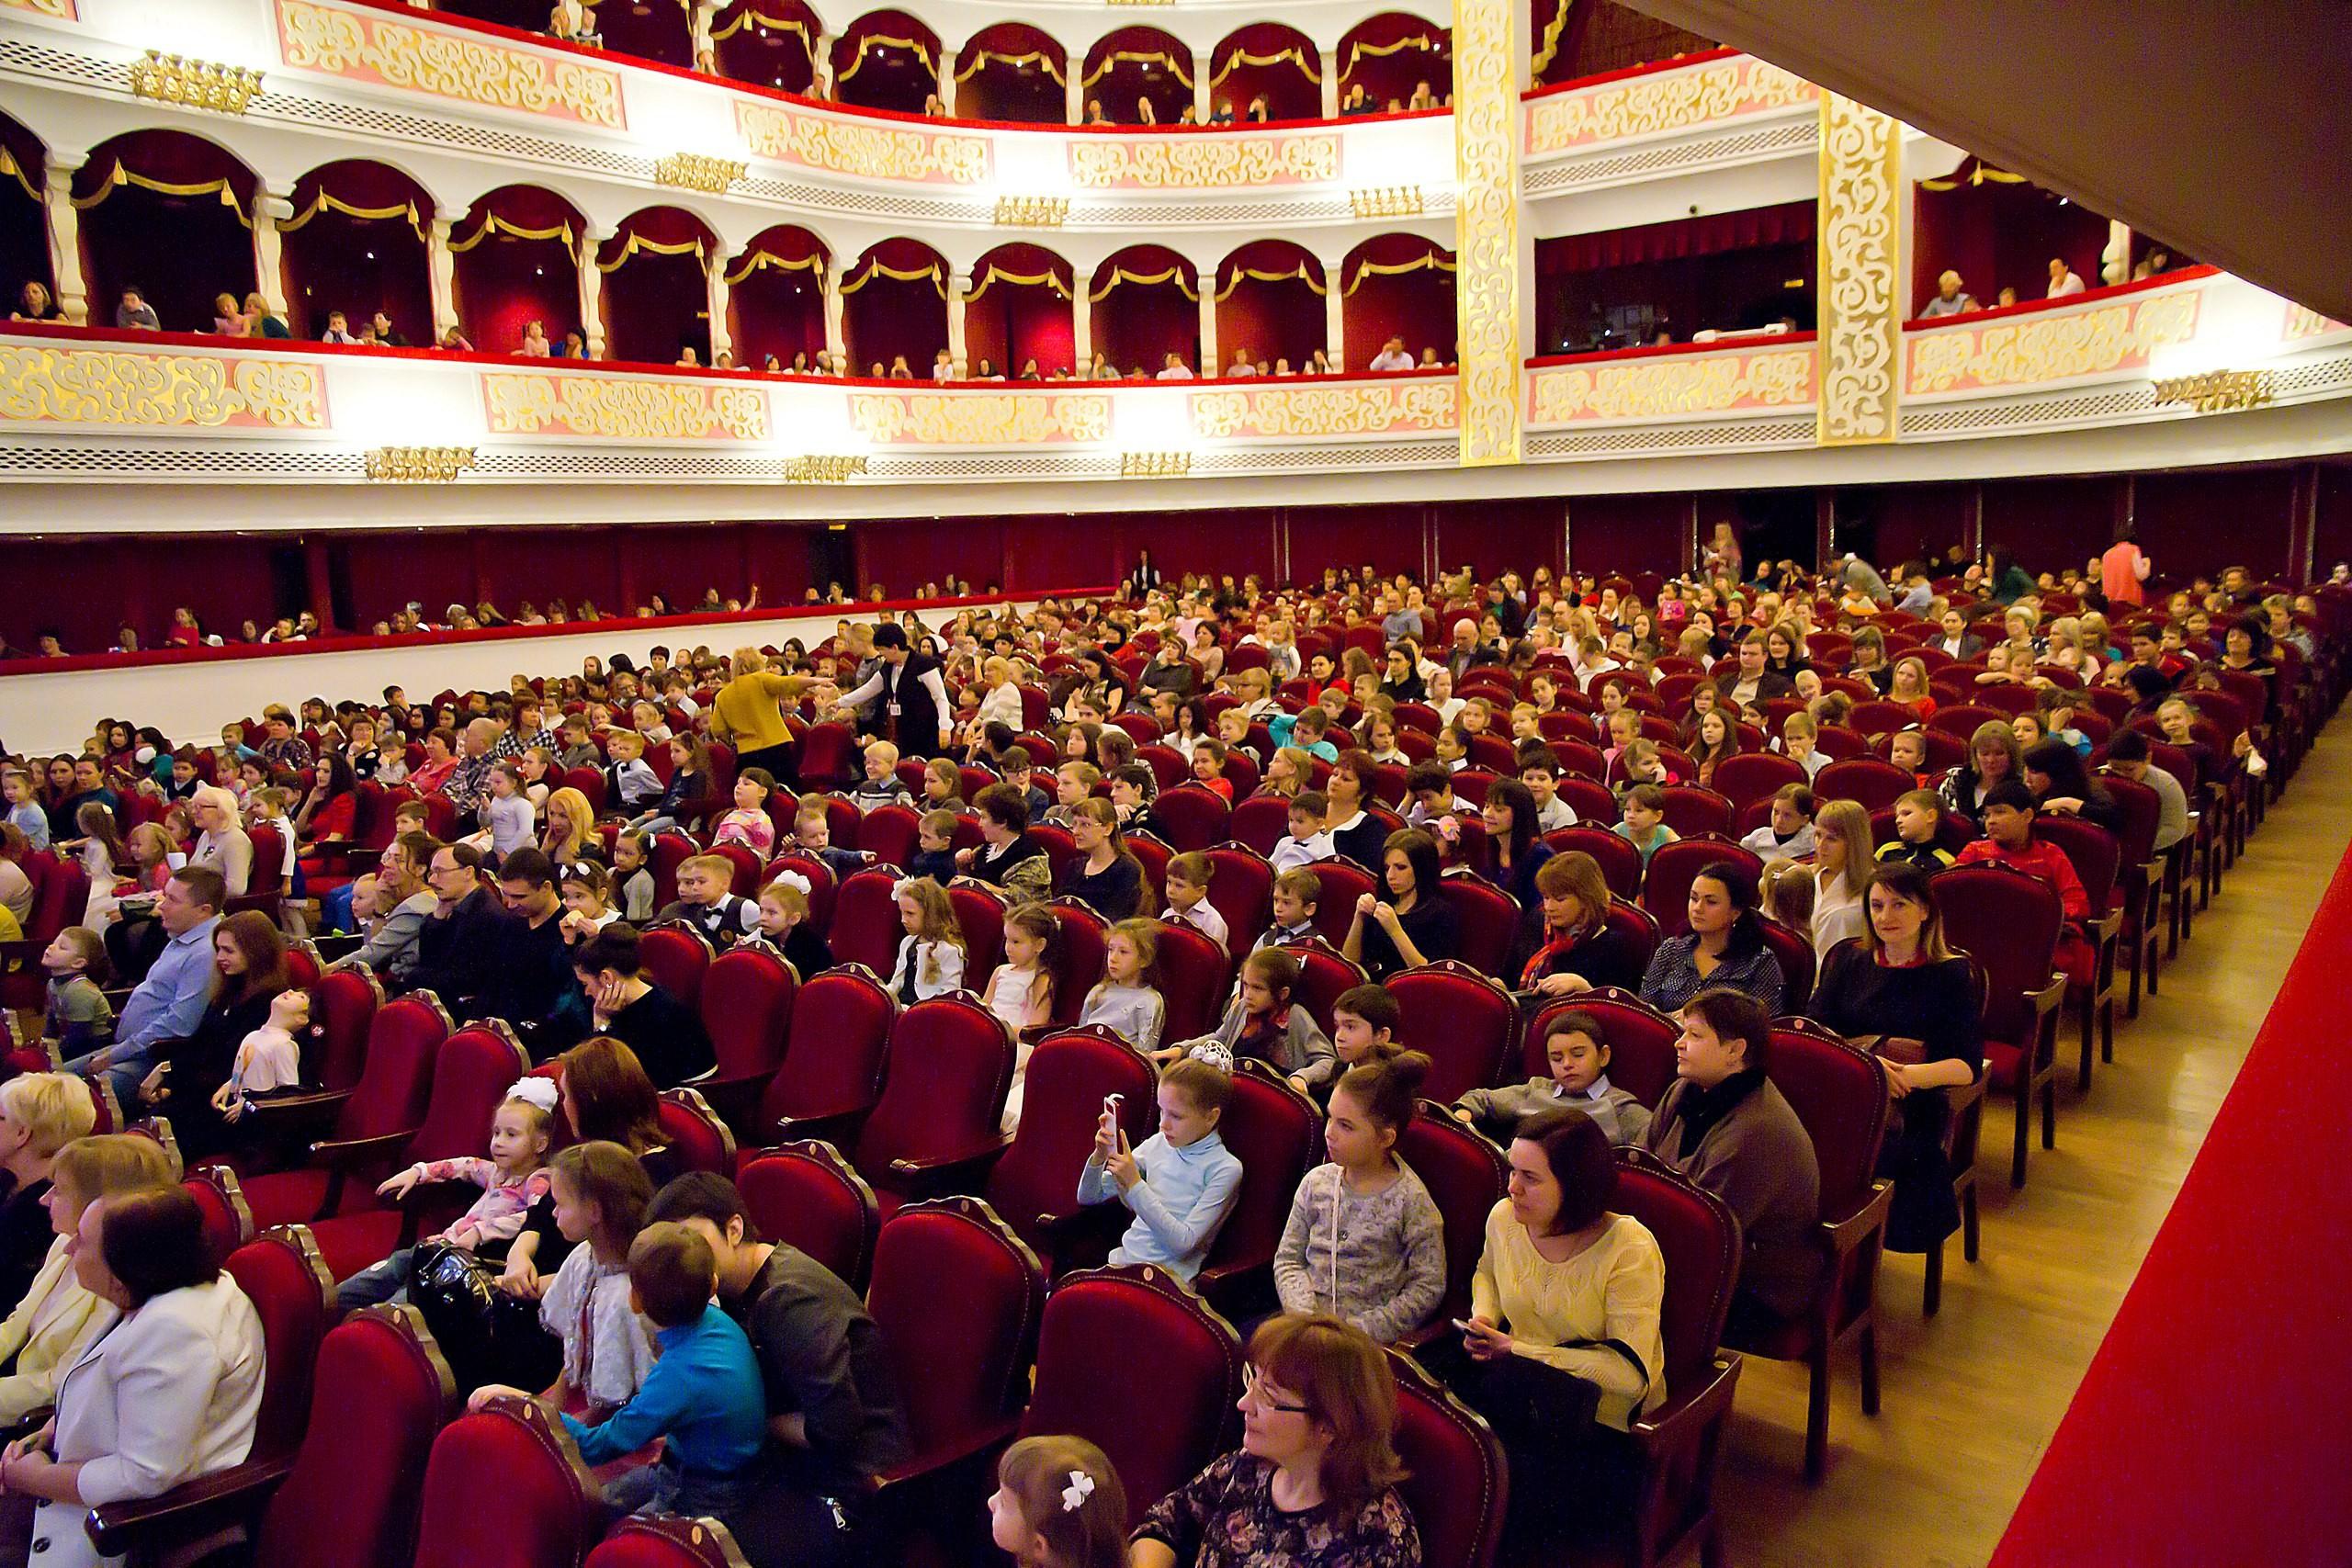 На Большой сцене Астраханского театра Оперы и Балета продолжаются чудеса!